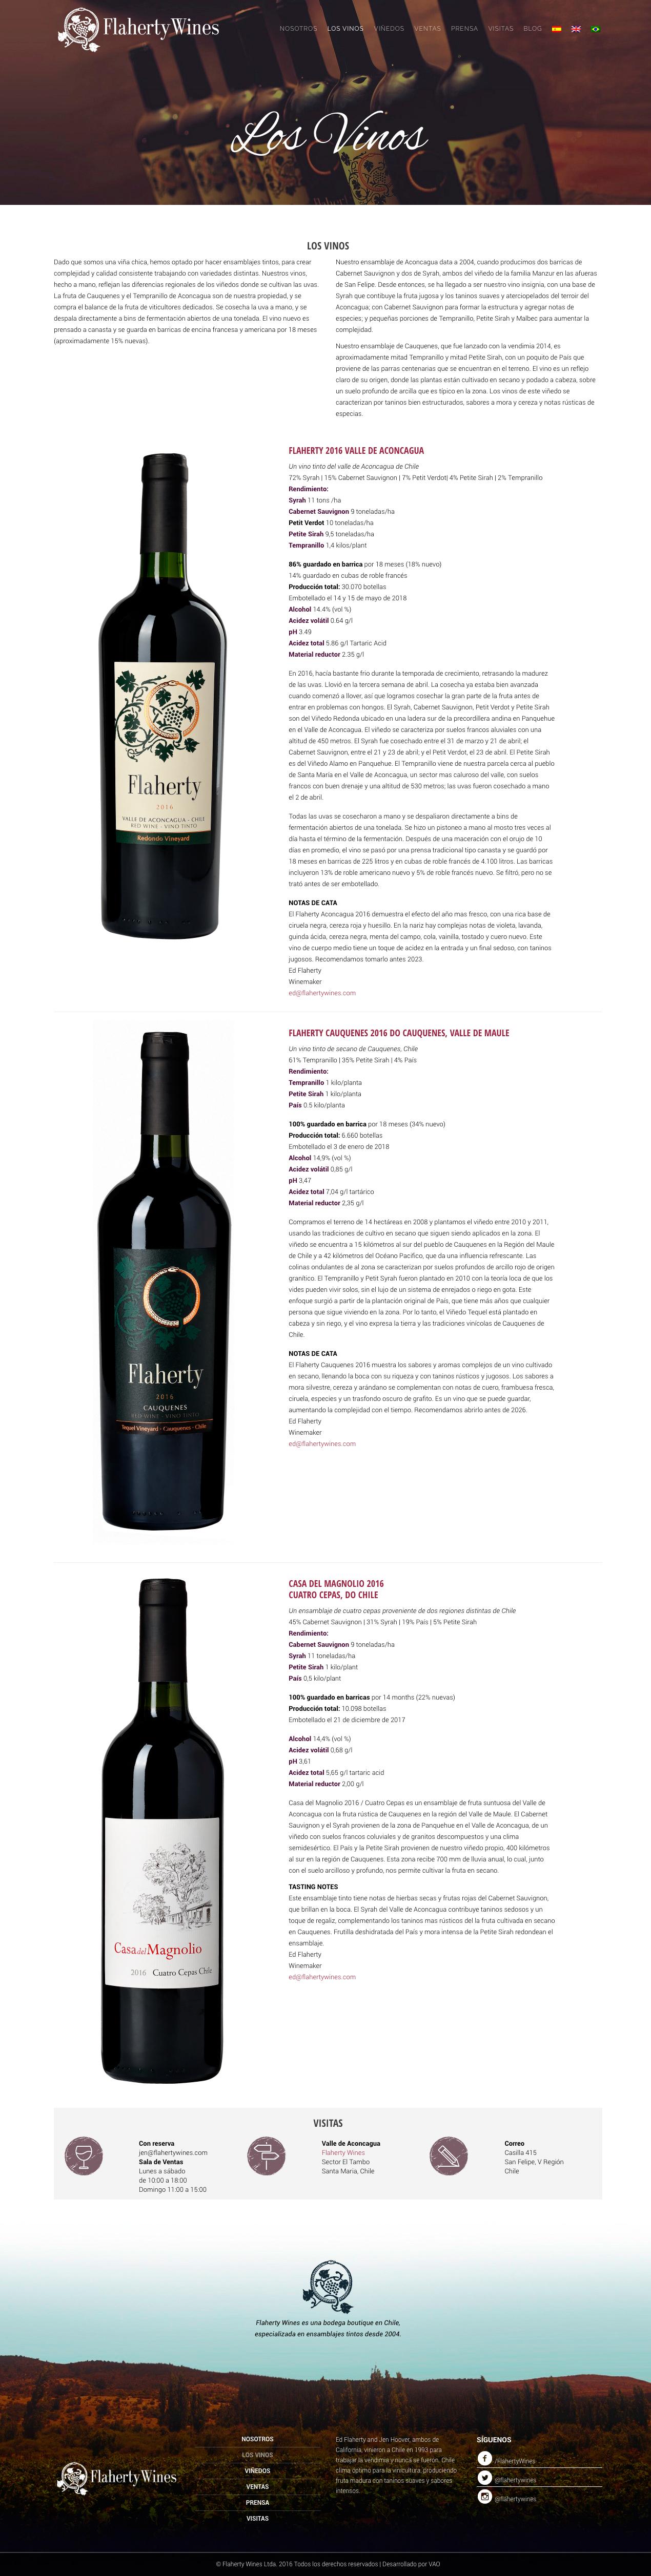 flaherty wines web vinos